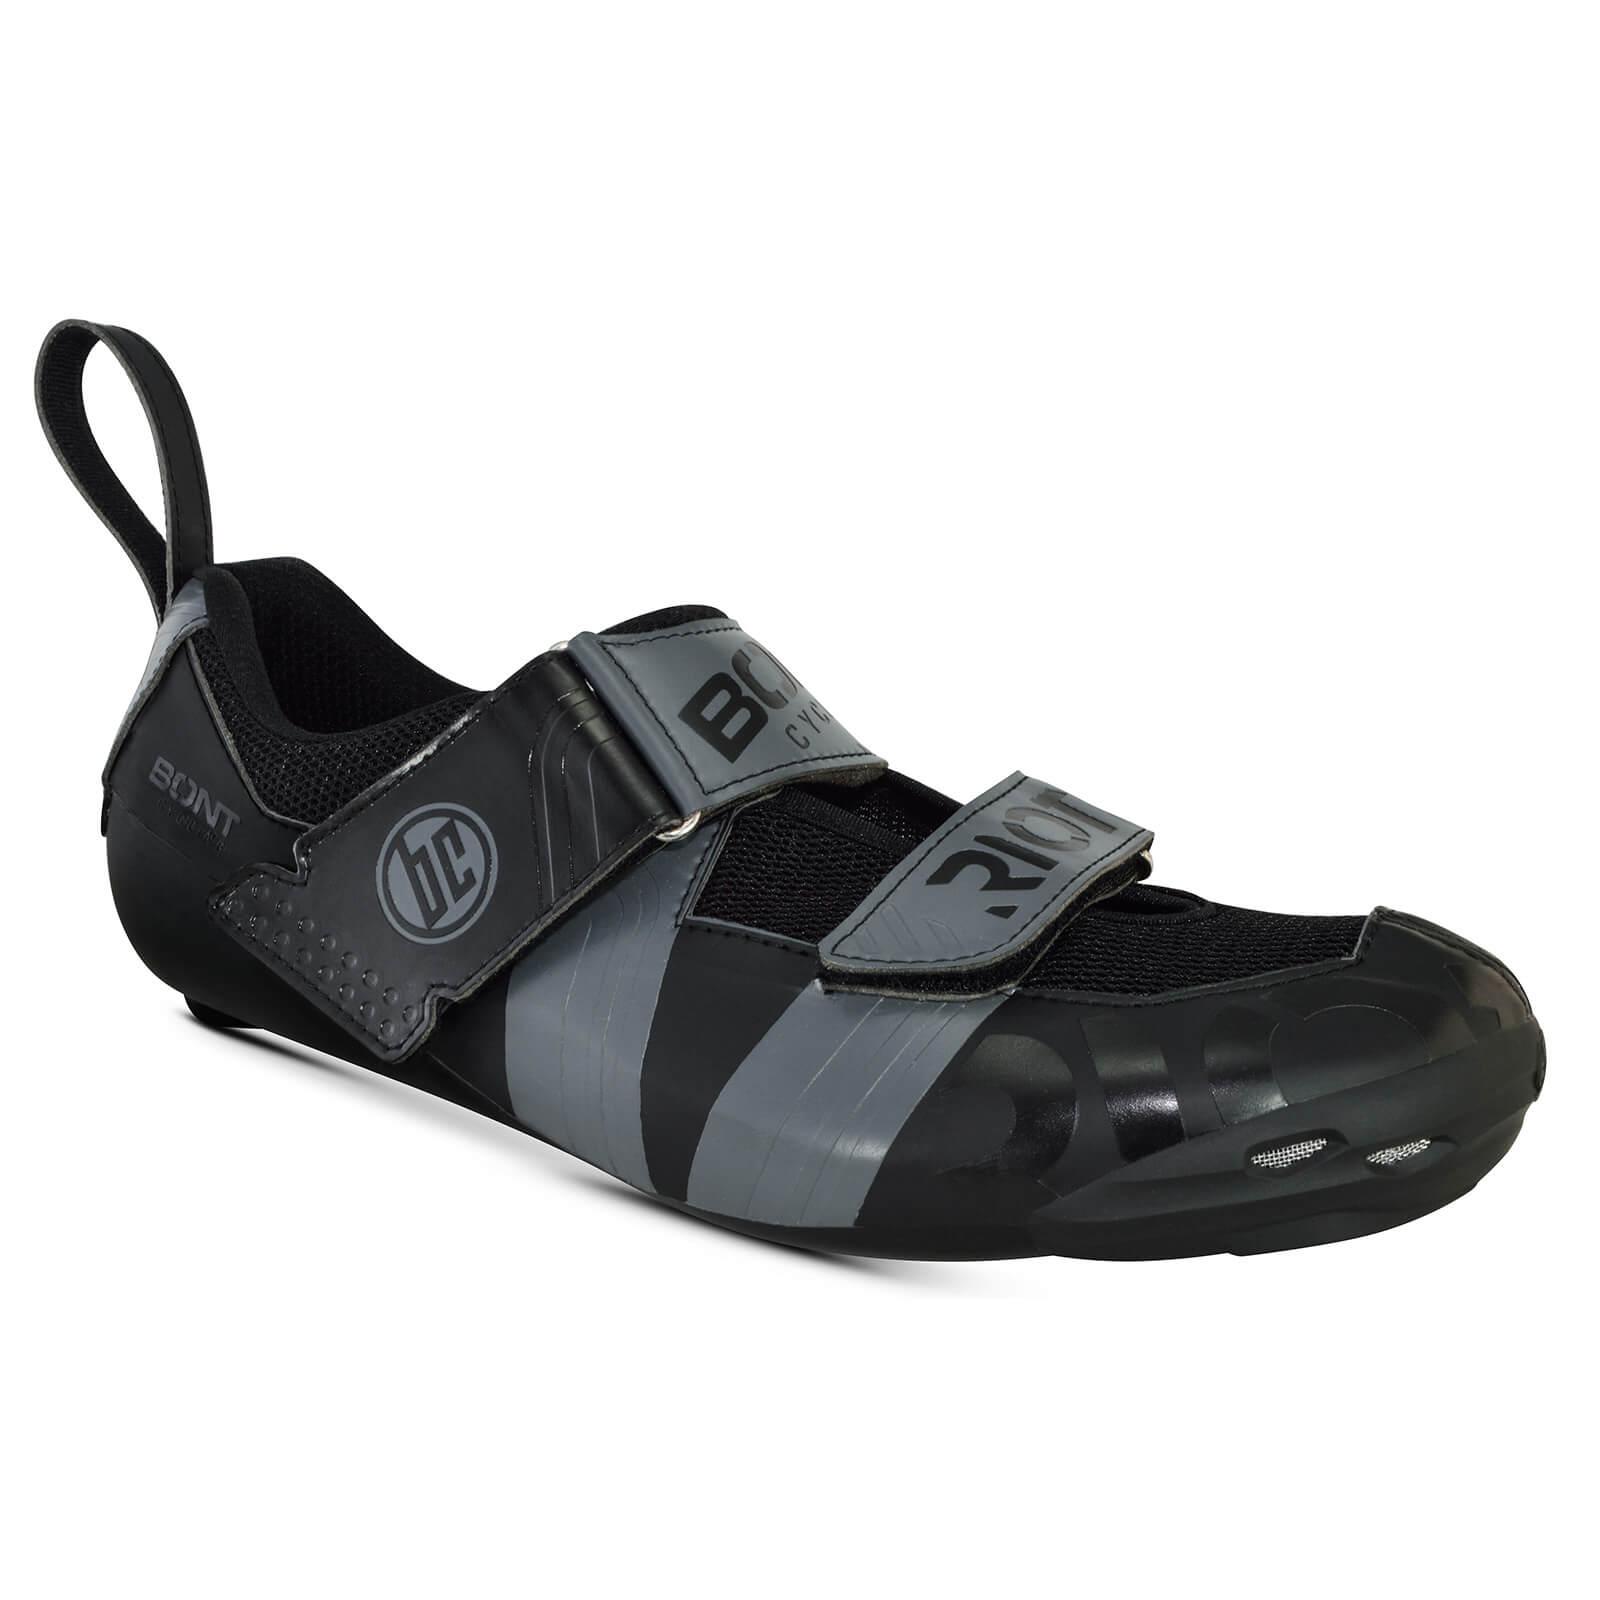 Bont Riot TR+ Road Shoes - EU 44 - Black/Grey